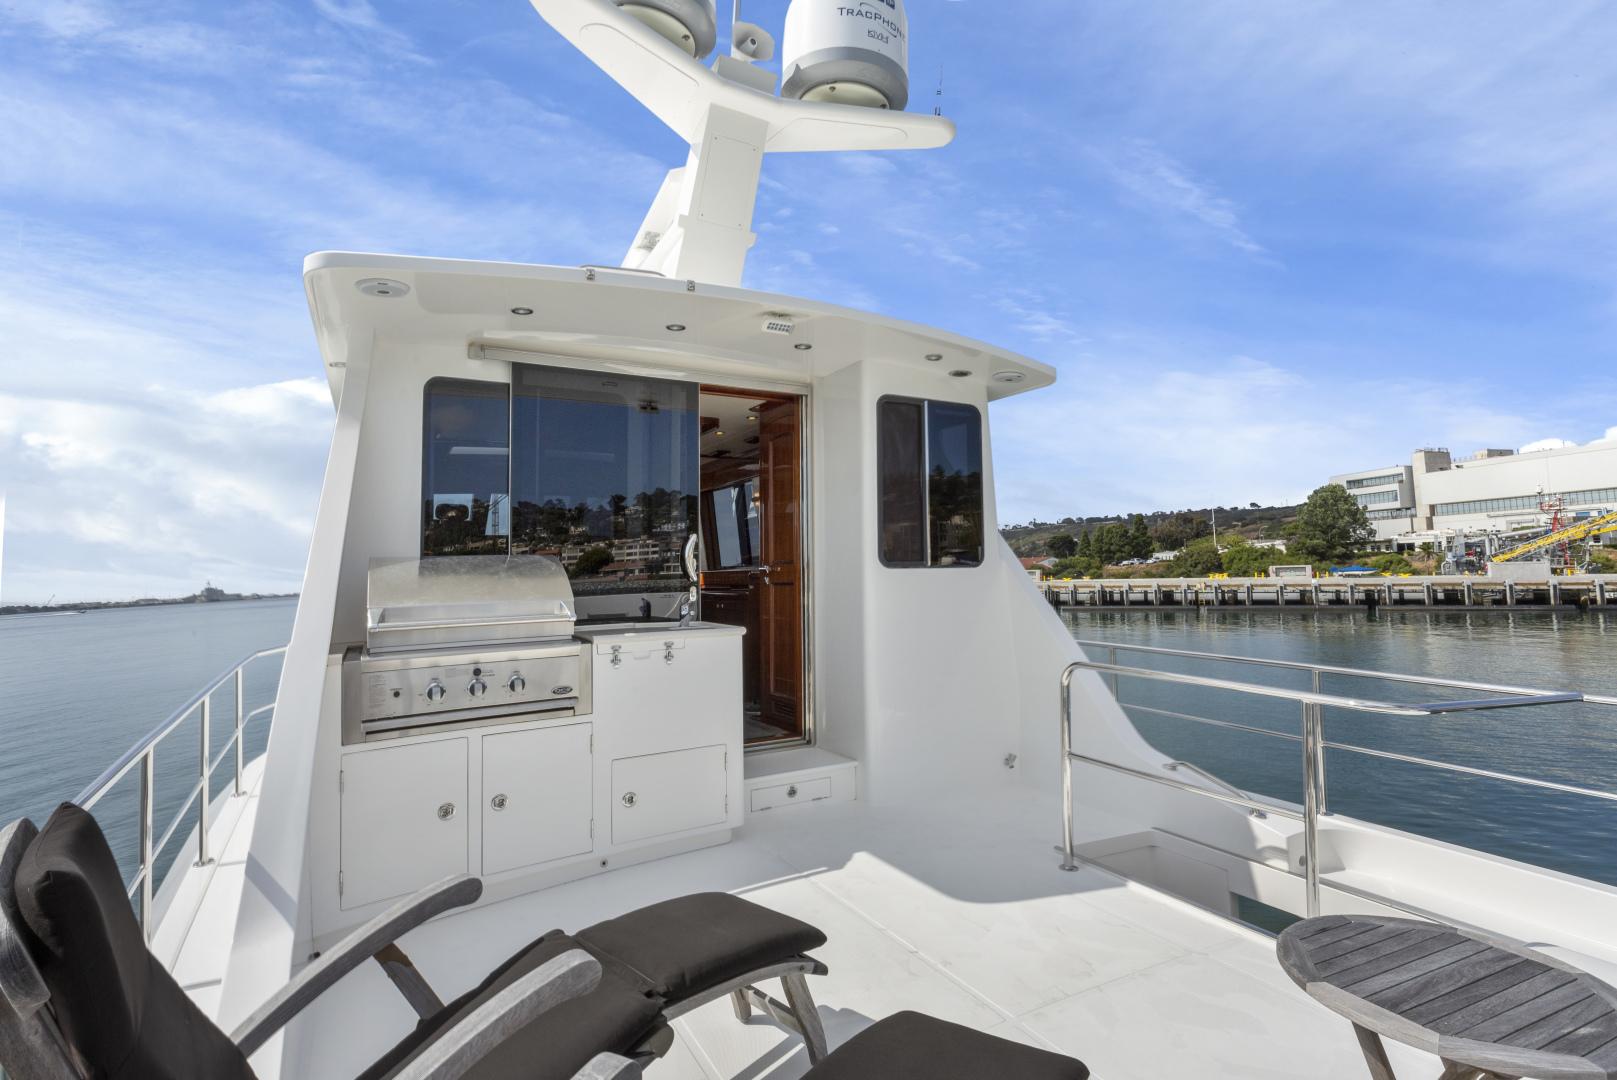 Hampton-76 Skylounge Motoryacht 2014-ODYSEA San Diego-California-United States-BRIDGE DECK-1165186 | Thumbnail